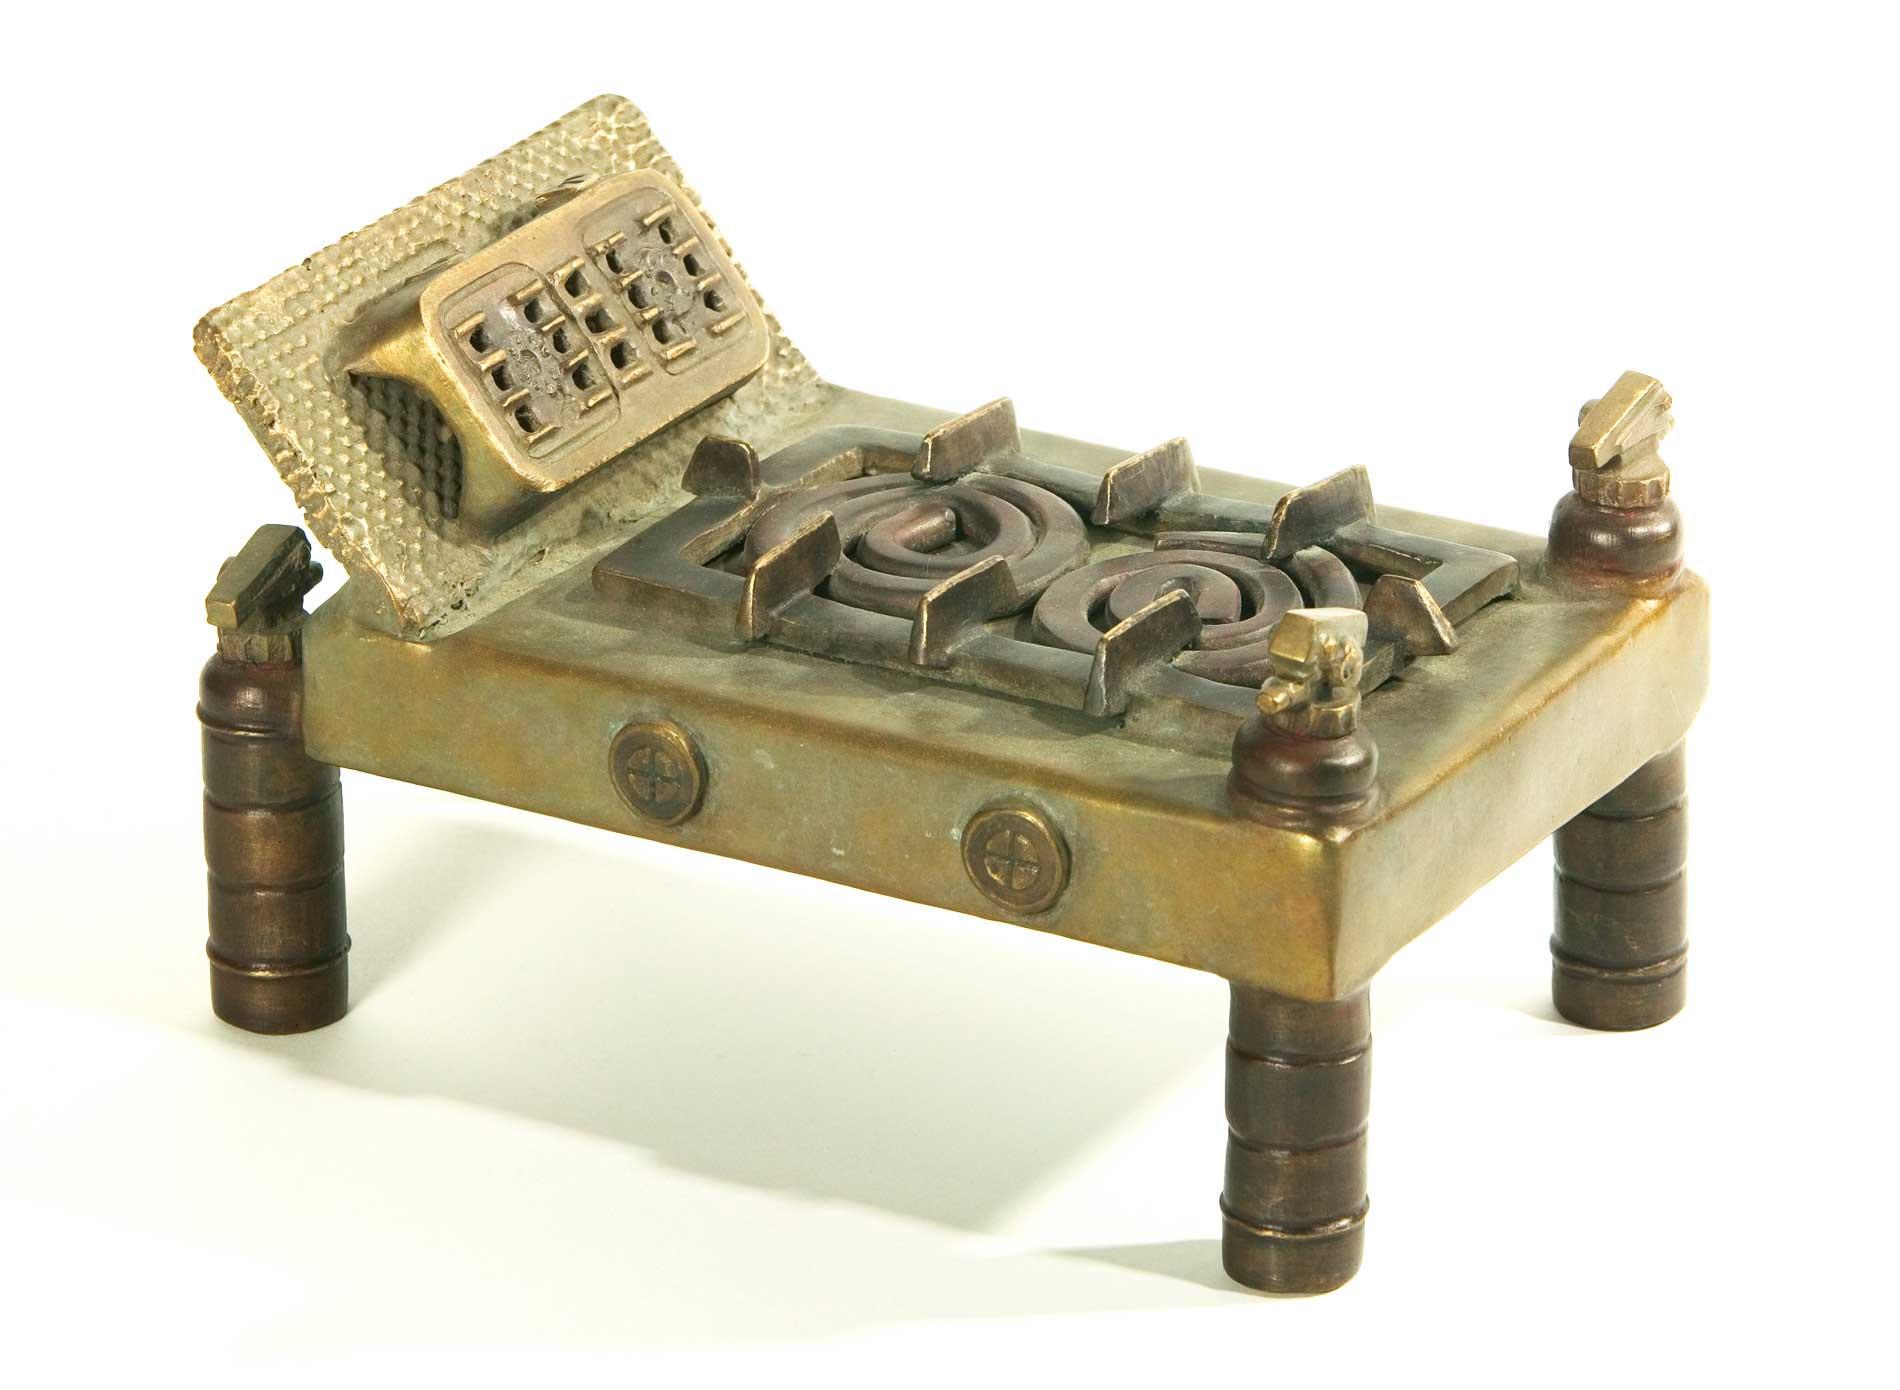 Hot-bed-side-1900